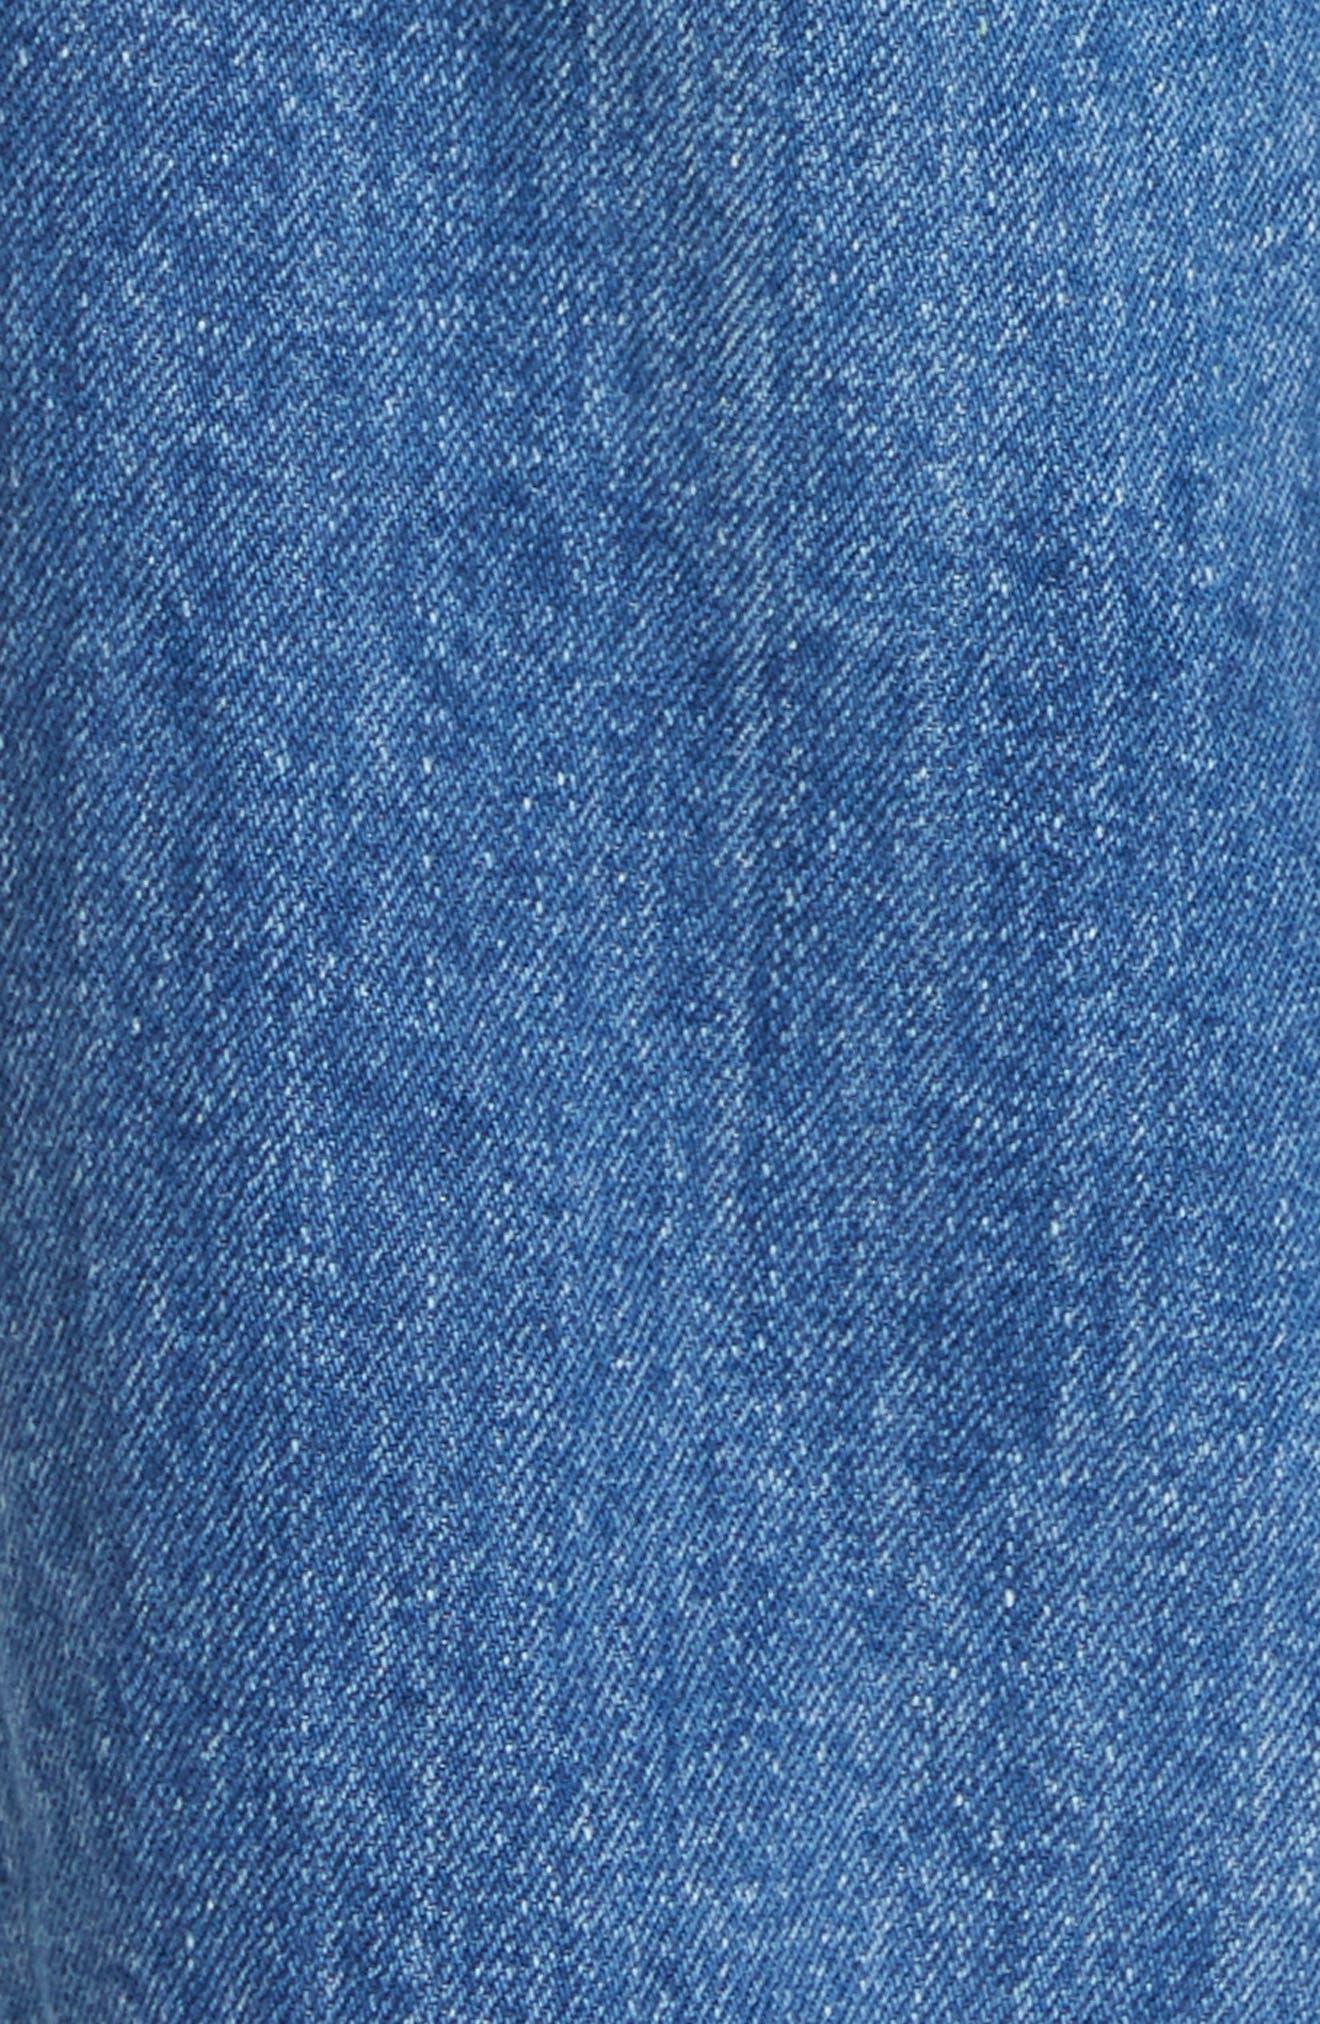 ,                             Carpenter Jeans,                             Alternate thumbnail 5, color,                             BLUE